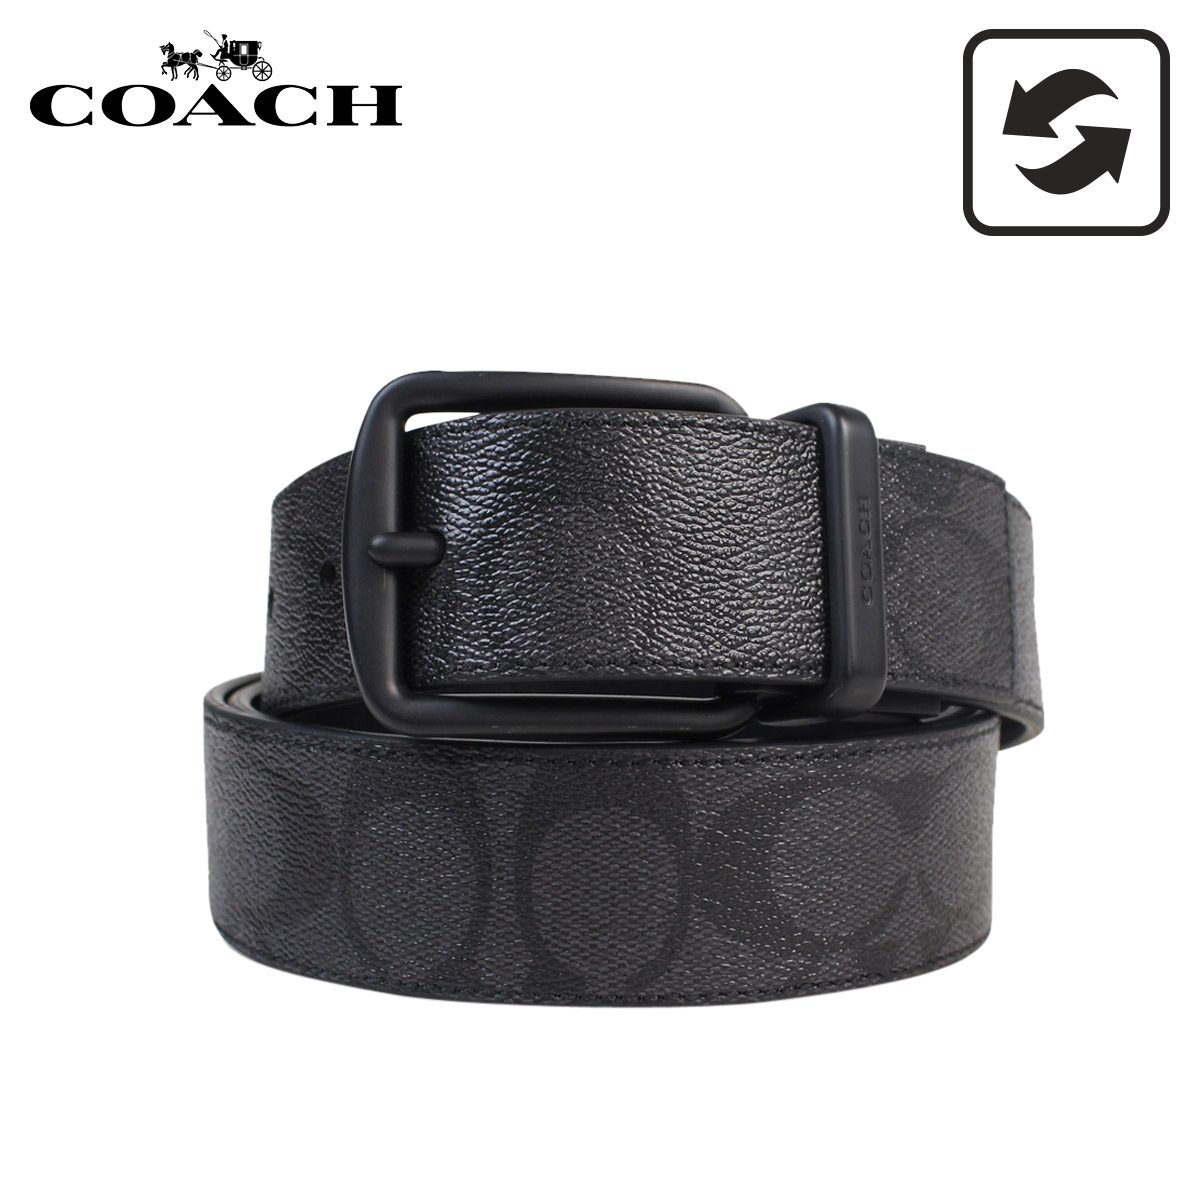 COACH コーチ ベルト メンズ 本革 レザー リバーシブル ビジネス ブラック 黒 F64839 BKBK [3/1 再入荷]